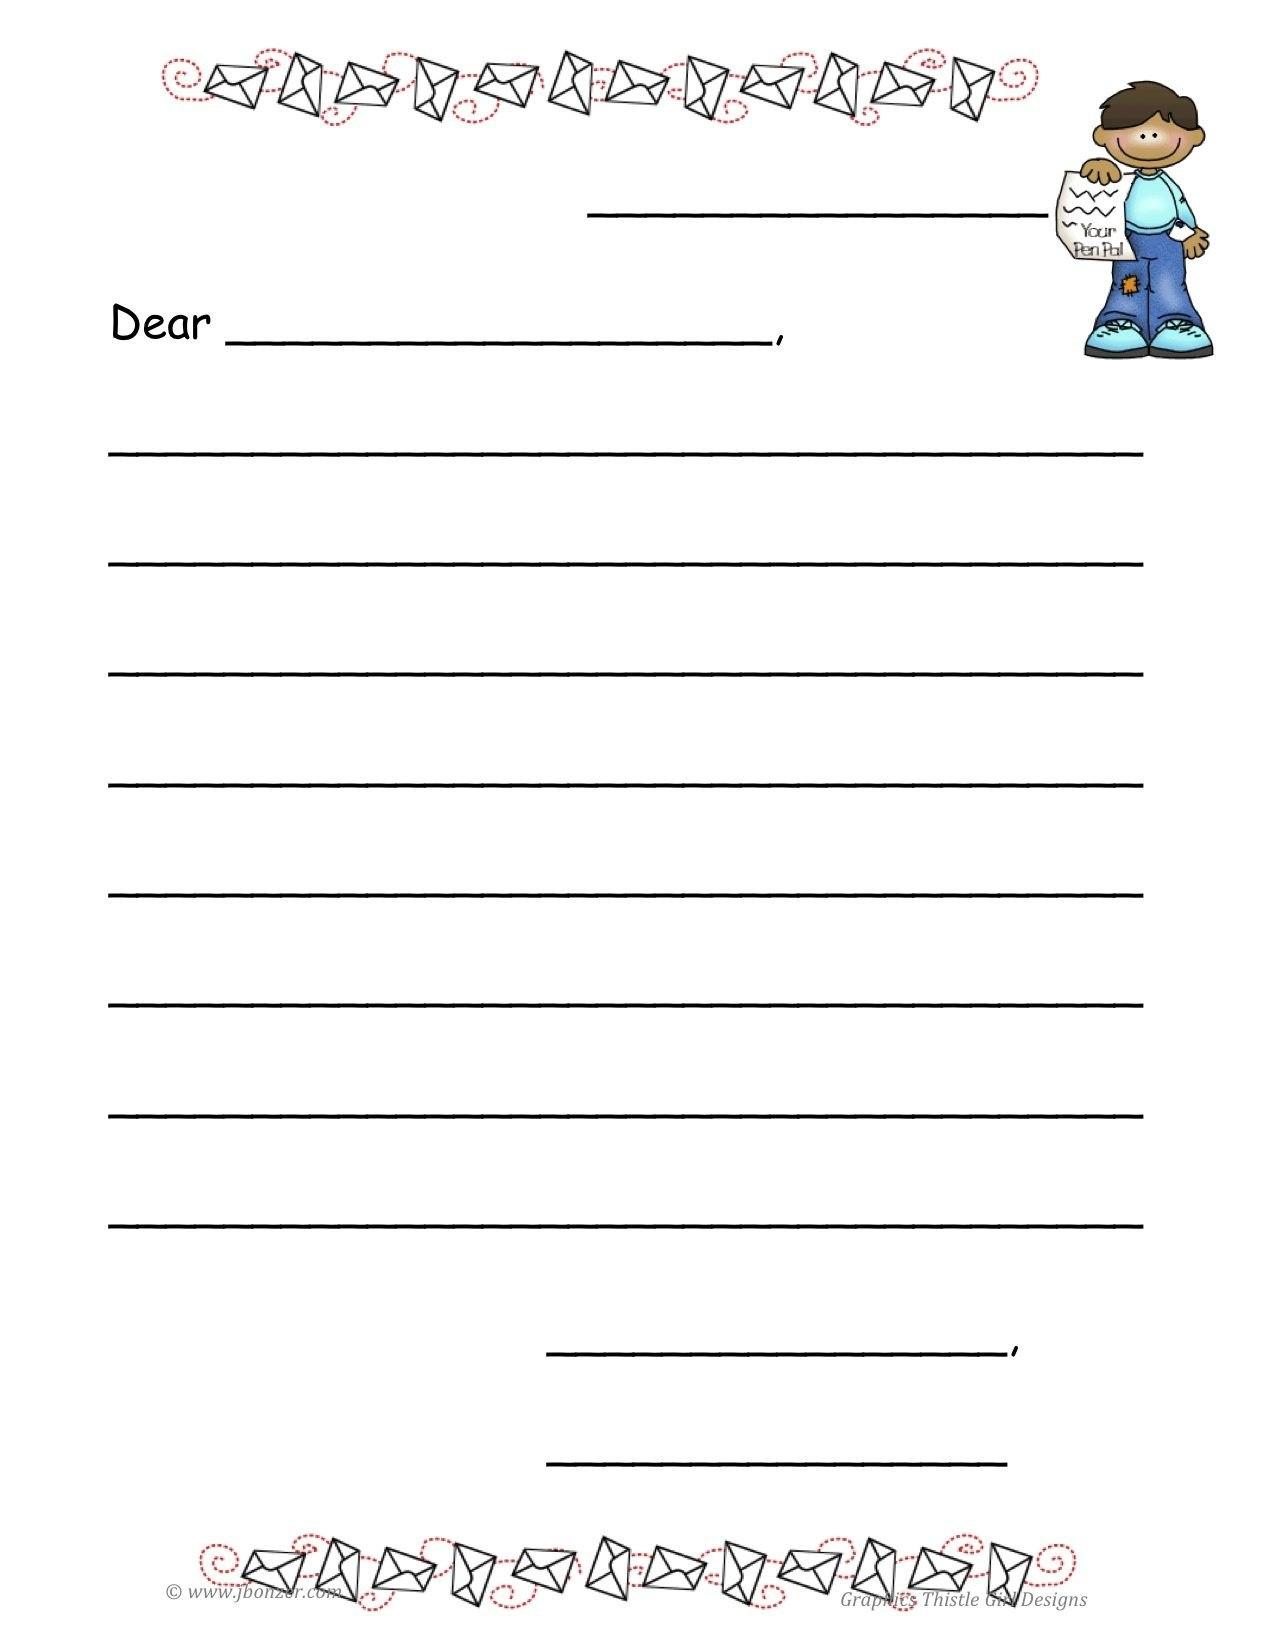 Blankfriendlylettertemplate  Letter Writing  Letter Writing Throughout Blank Letter Writing Template For Kids